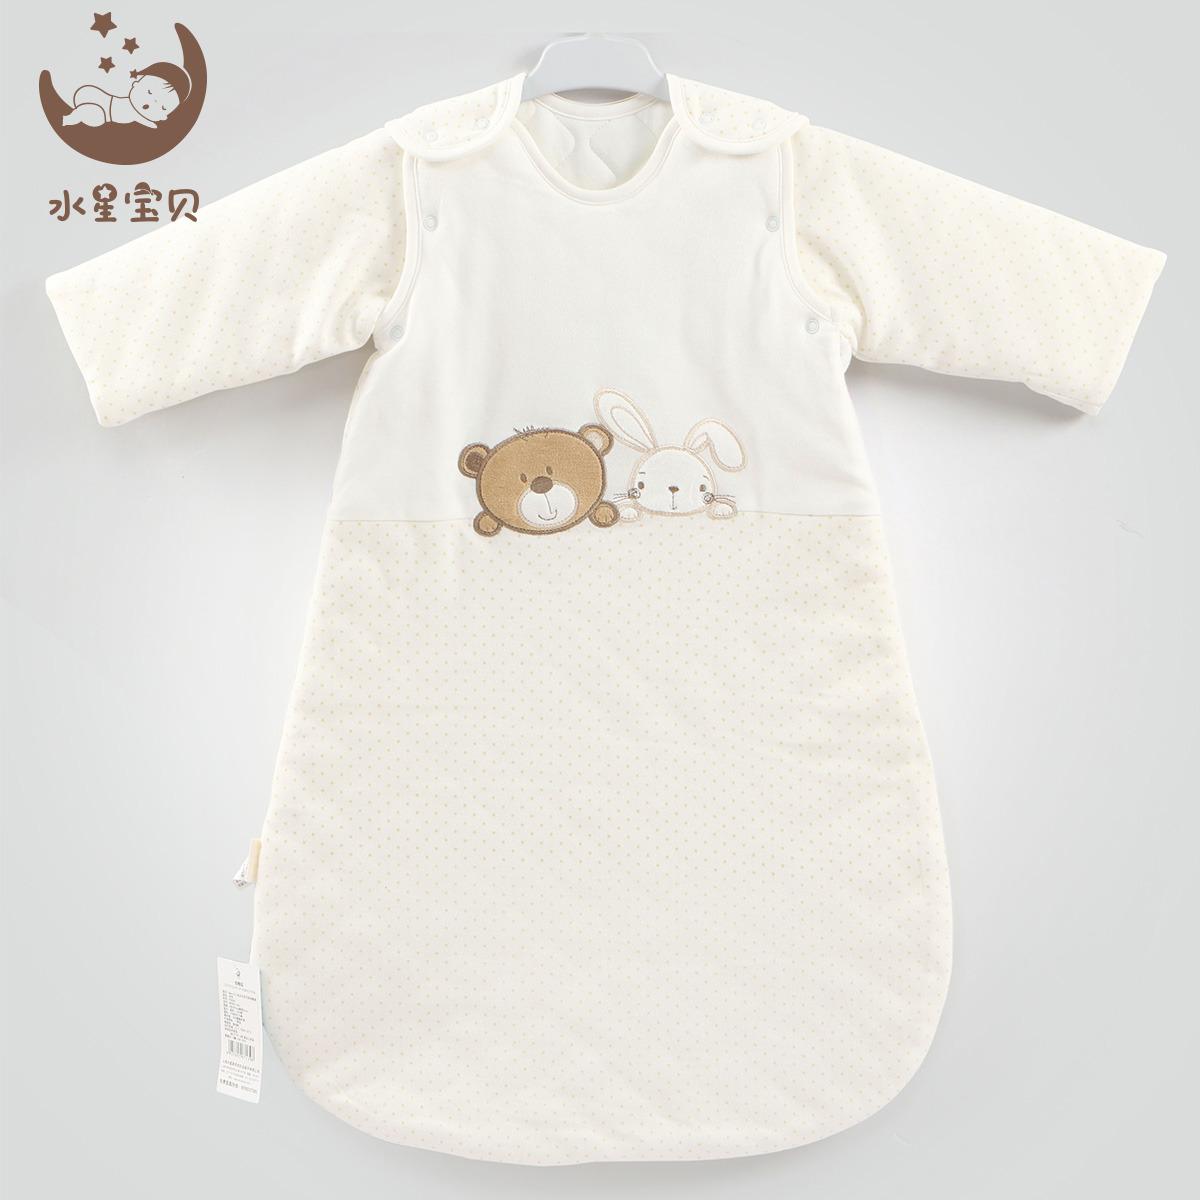 水星宝贝婴儿睡袋春秋季薄款夹棉秋冬新生儿幼儿园宝宝防踢被子